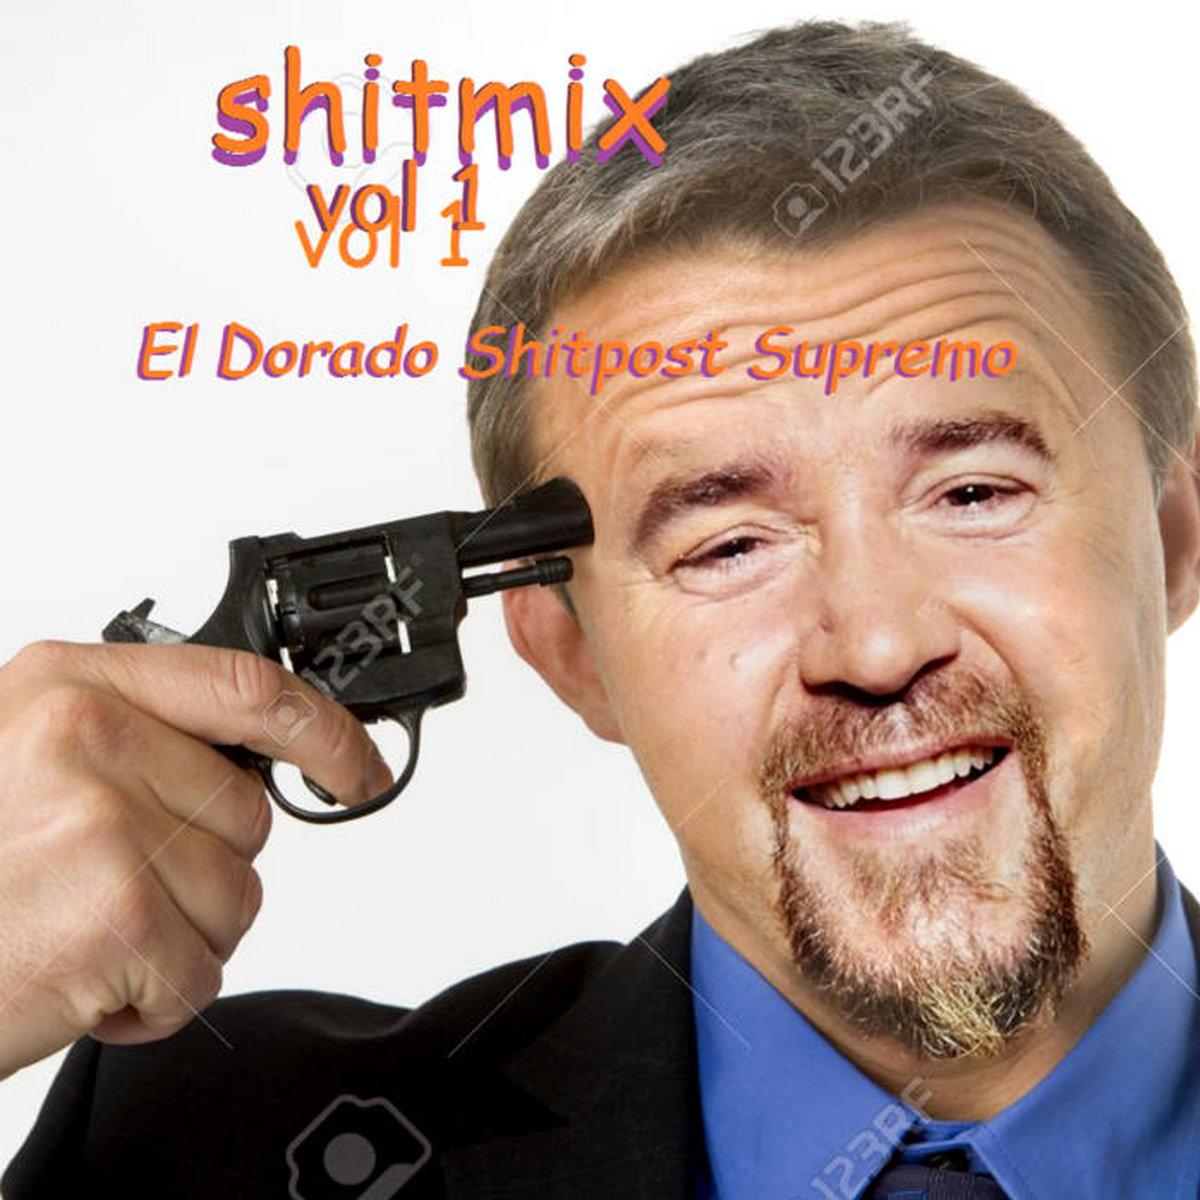 shitmix